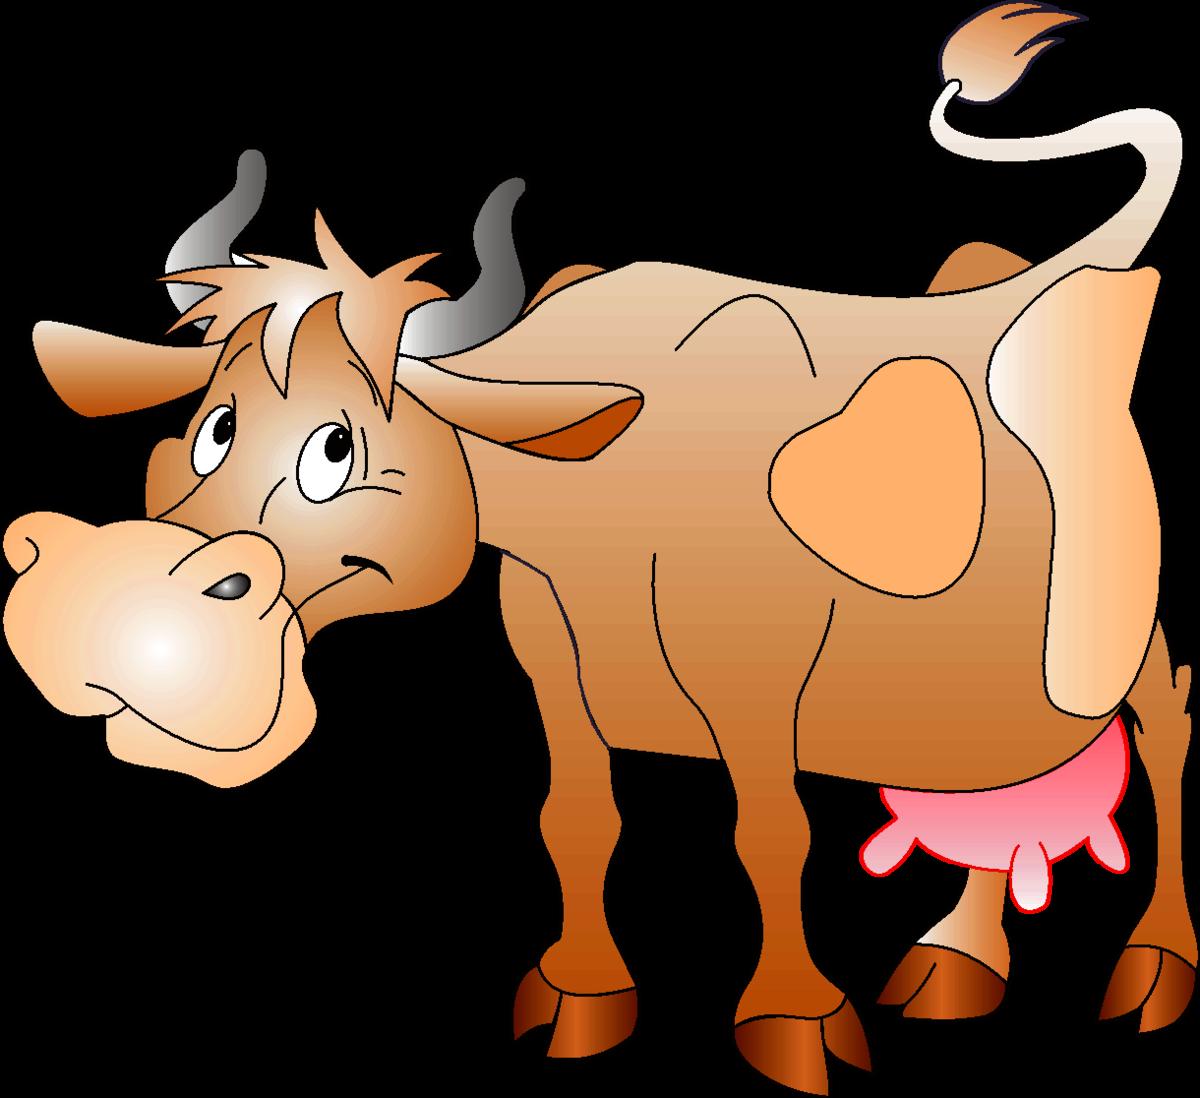 Картинки животных для детей цветные красивые корова, двойняшкам открытки